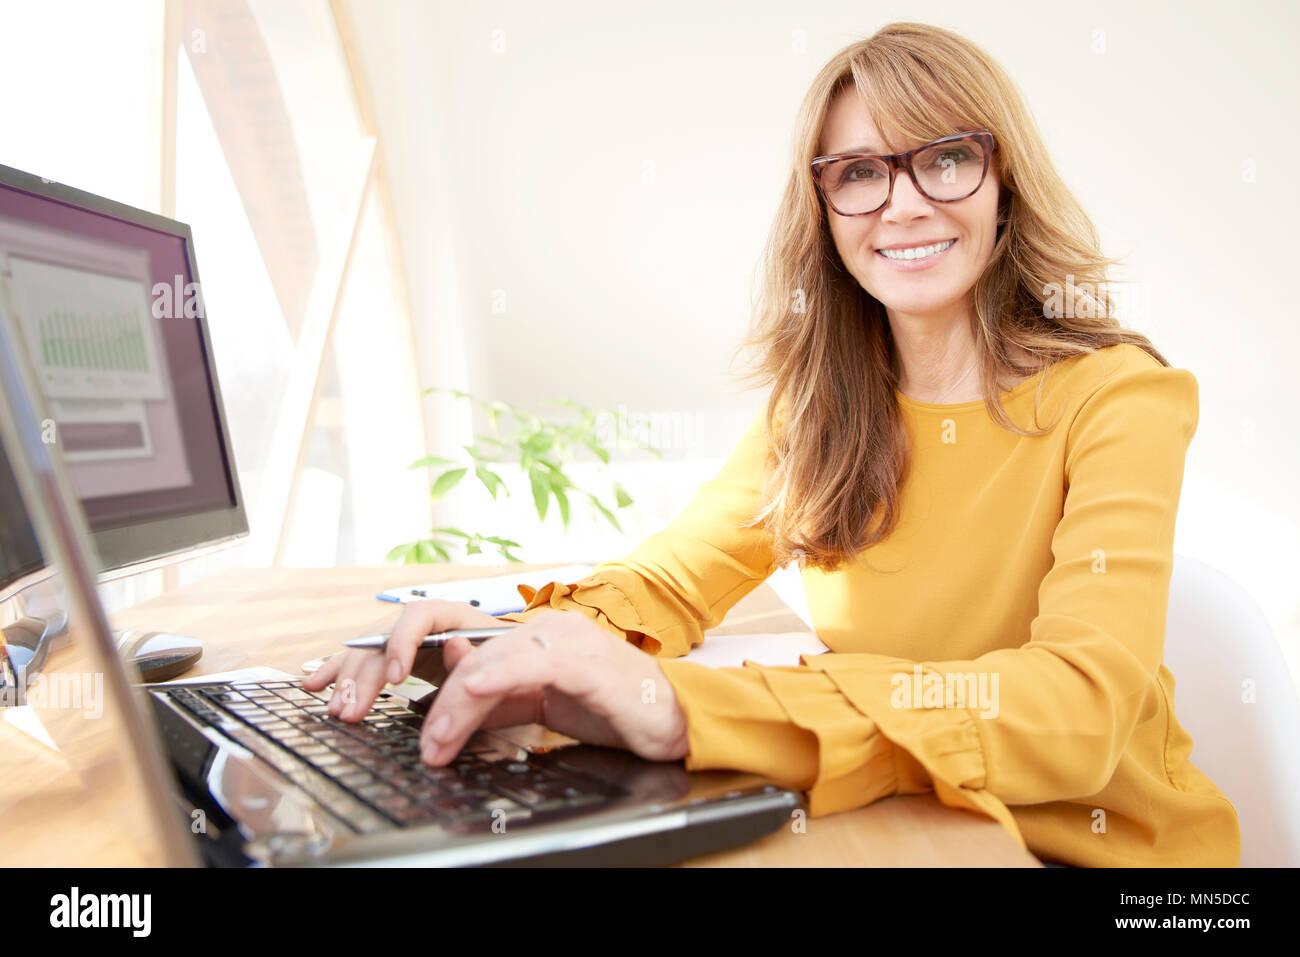 Ritratto di un sorridente di mezza età imprenditrice digitando su laptop mentre è seduto alla scrivania e guardando la fotocamera. Home office. Immagini Stock